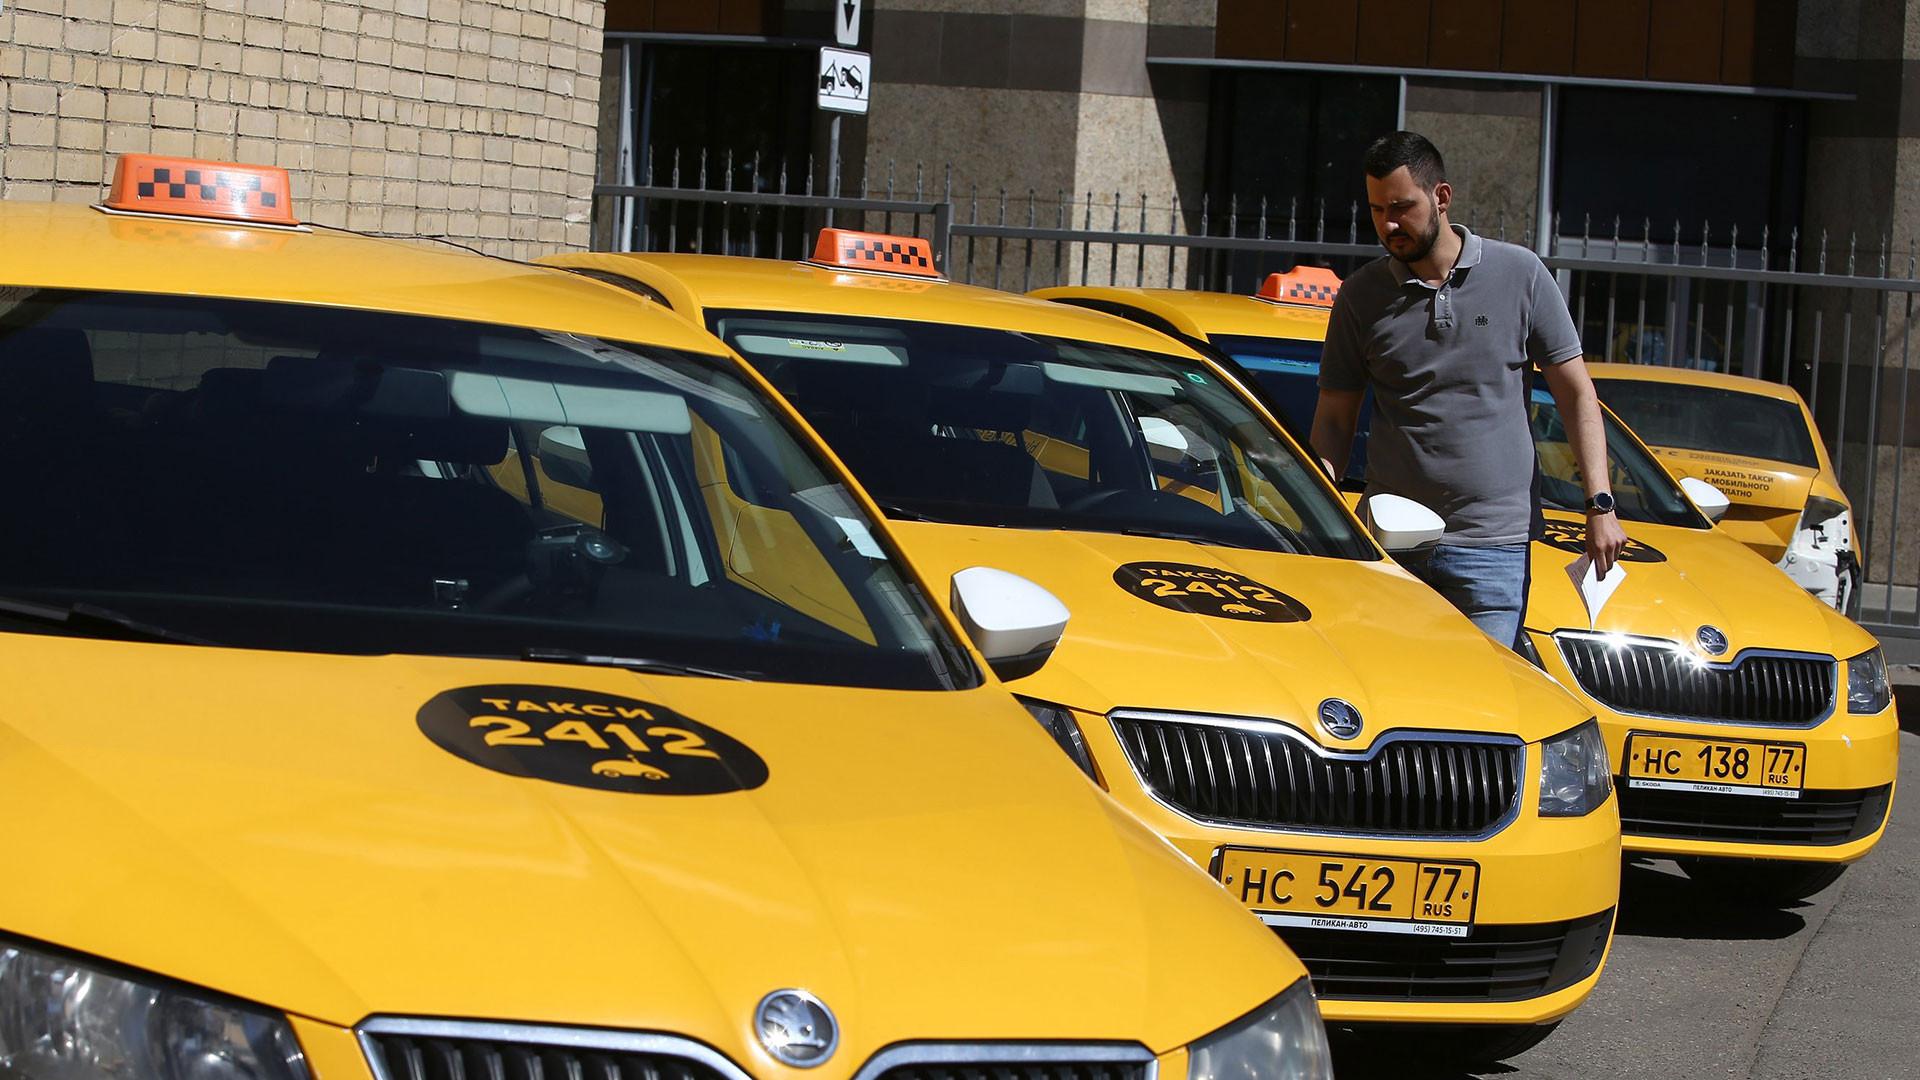 техподдержка gett такси спб